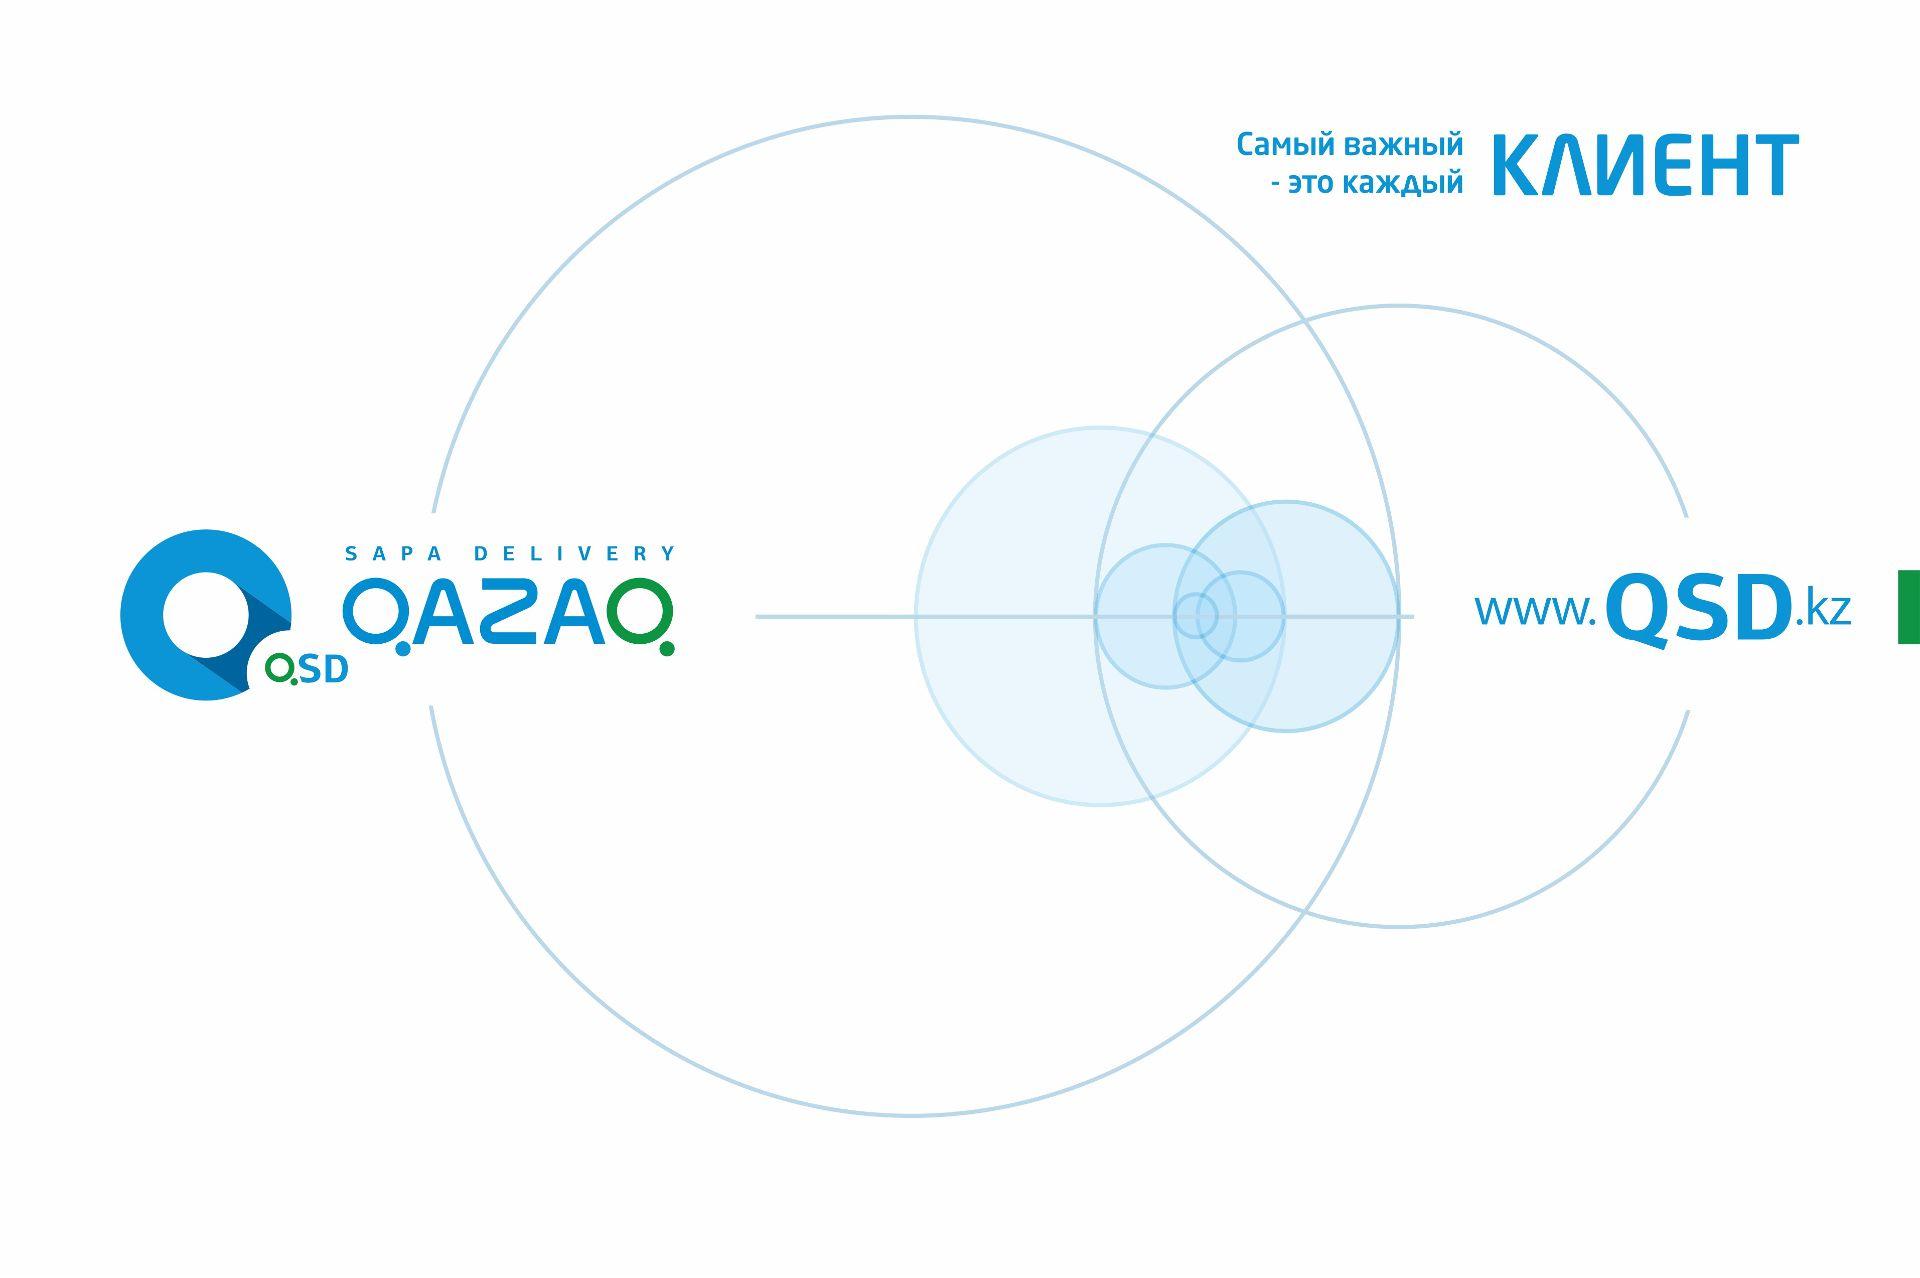 Дизайн логотипа и брендбук службы доставки